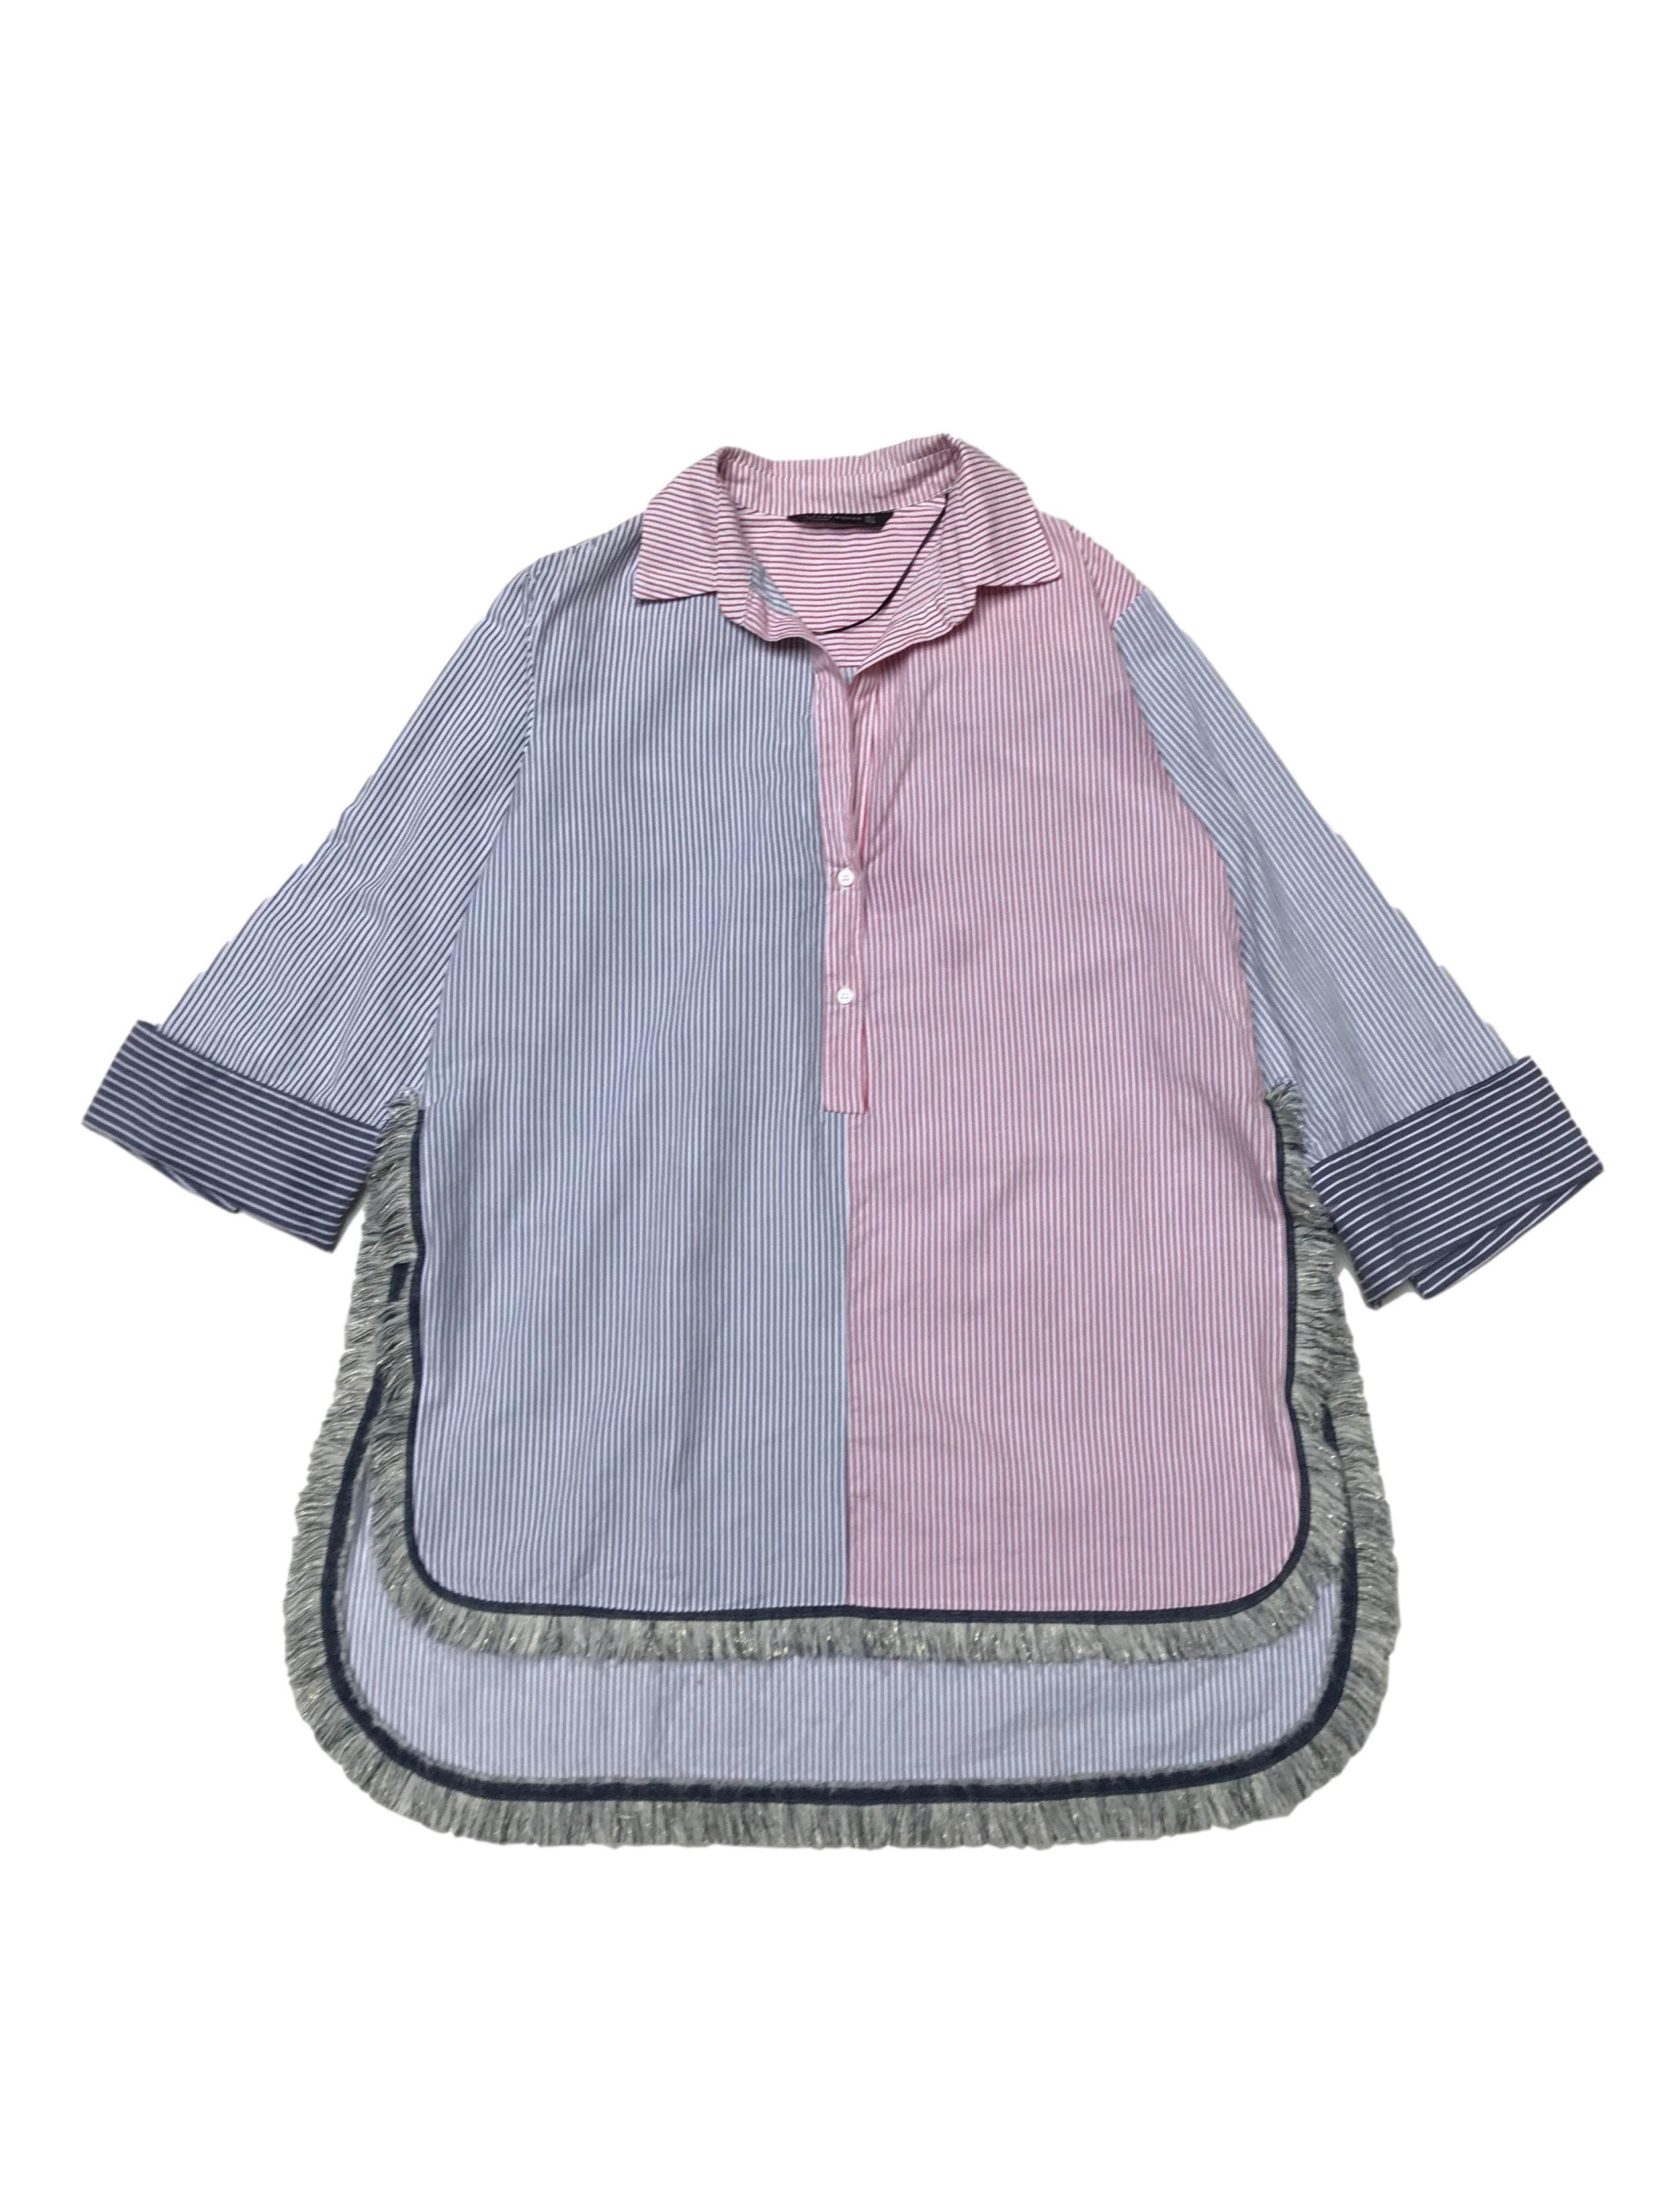 Blusa Zara oversize con mangas remangadas, 80% algodón 20% lino blanco con líneas rojas y azules, aberturas laterales y flecos. Largo 75 - 90cm. Precio original S/ 170